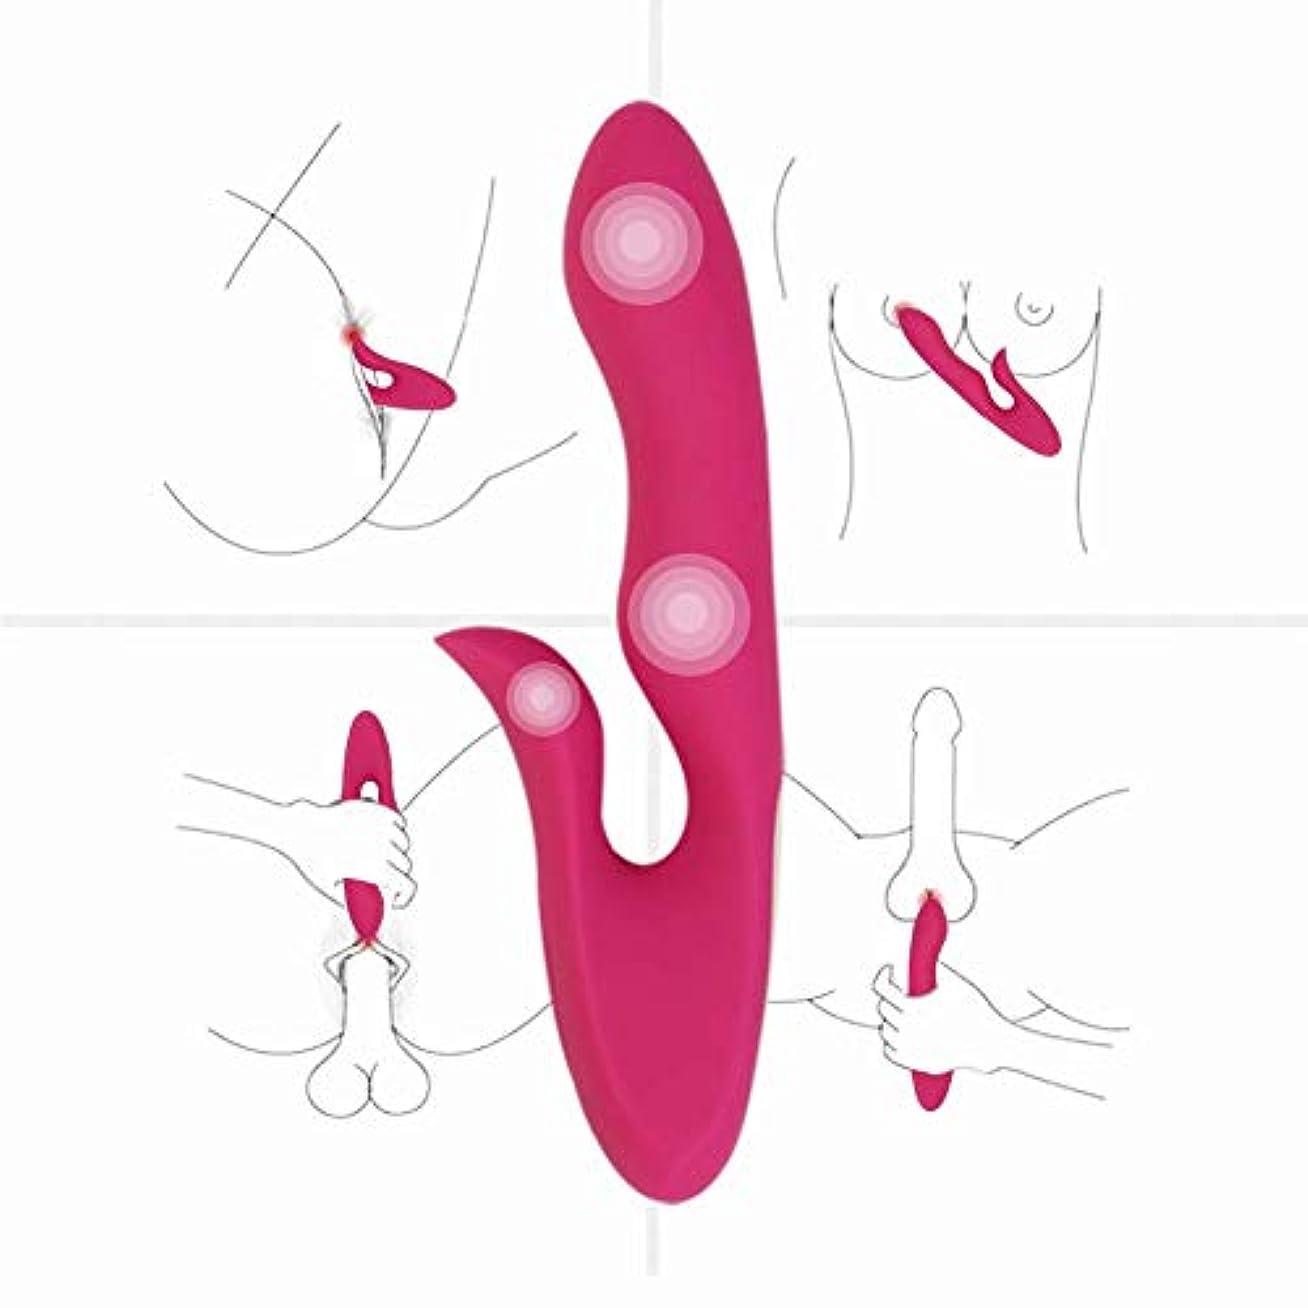 飼いならす急降下判定セックス指バイブレーターセックストイズのために女性3モーター 8 + 6 モードウサギ G スポットバイブレーター陰核膣大人トイズディルド Masturbator